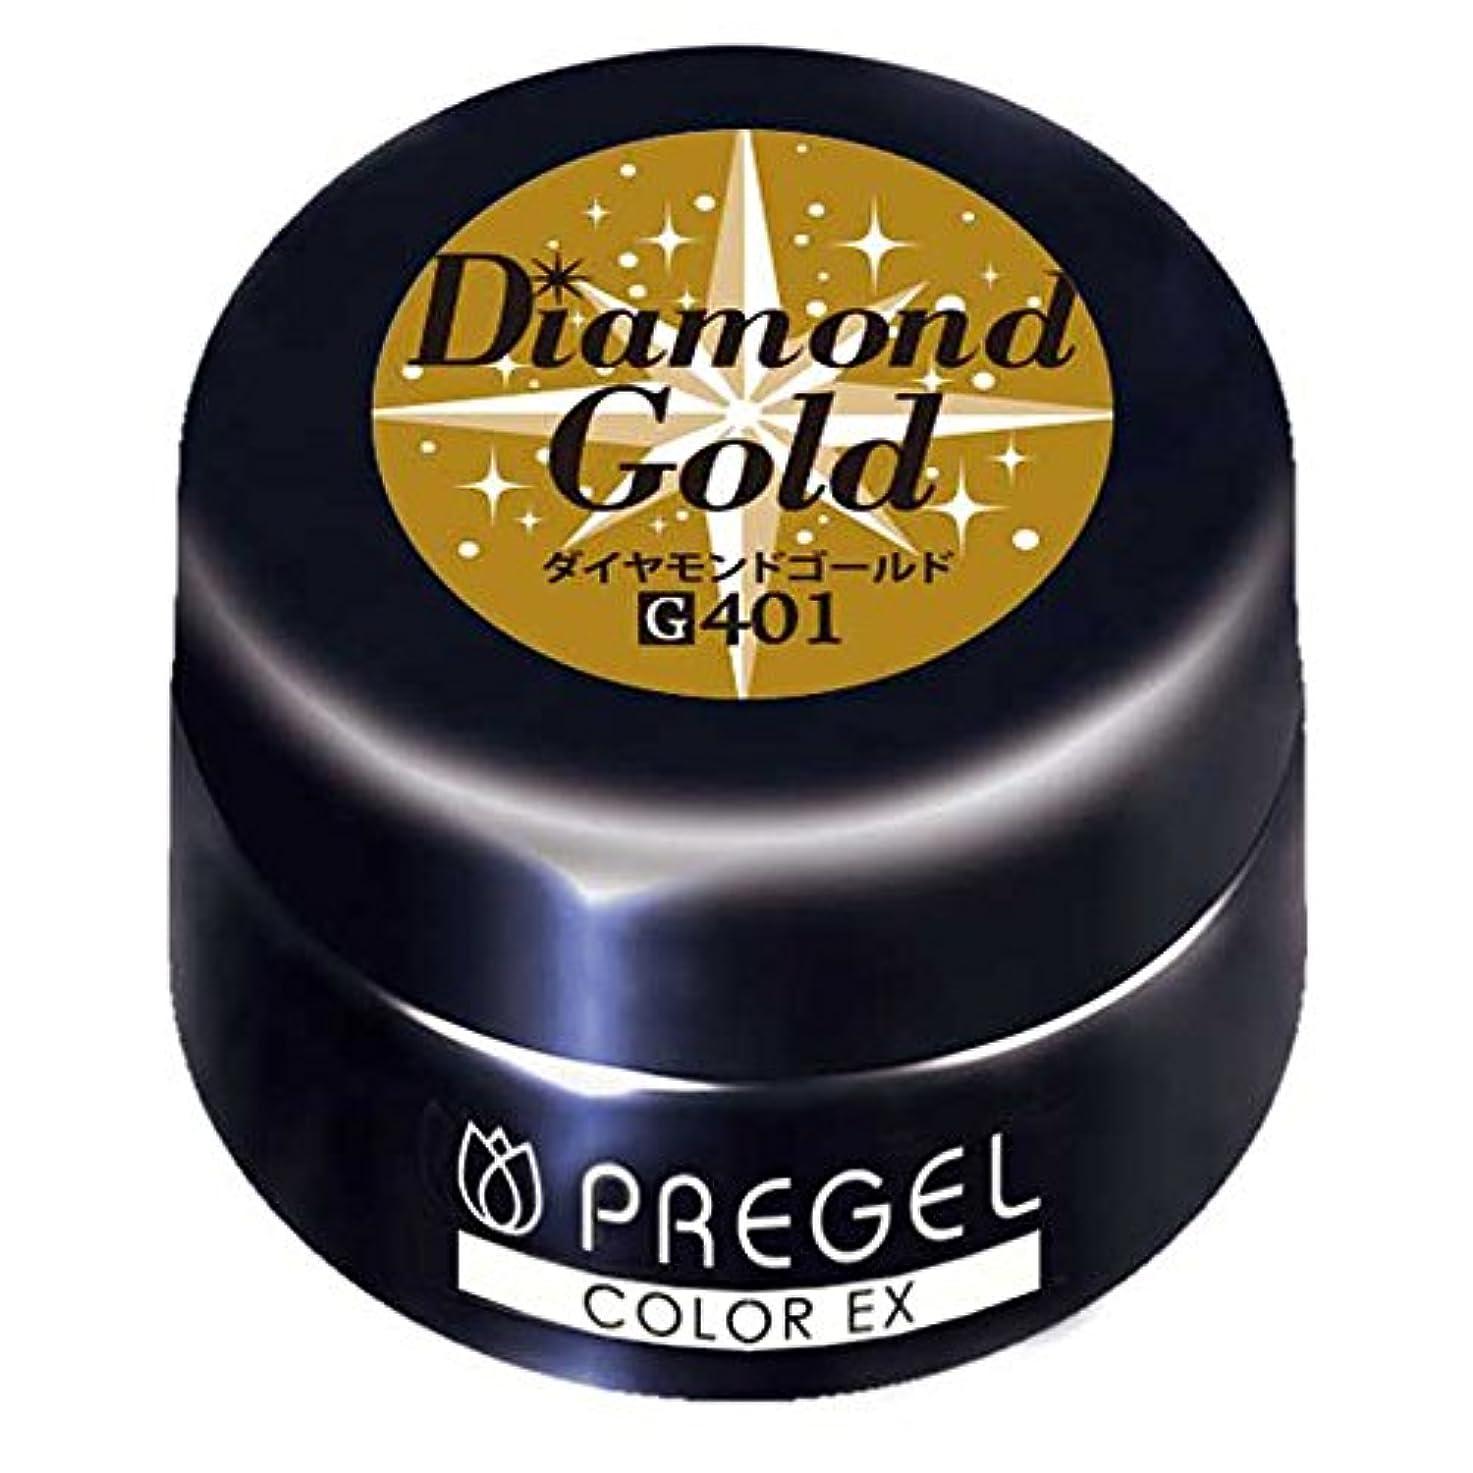 背が高い観客取るに足らないPRE GEL カラーEX ダイヤモンドゴールドCE401 UV/LED対応 カラージェル